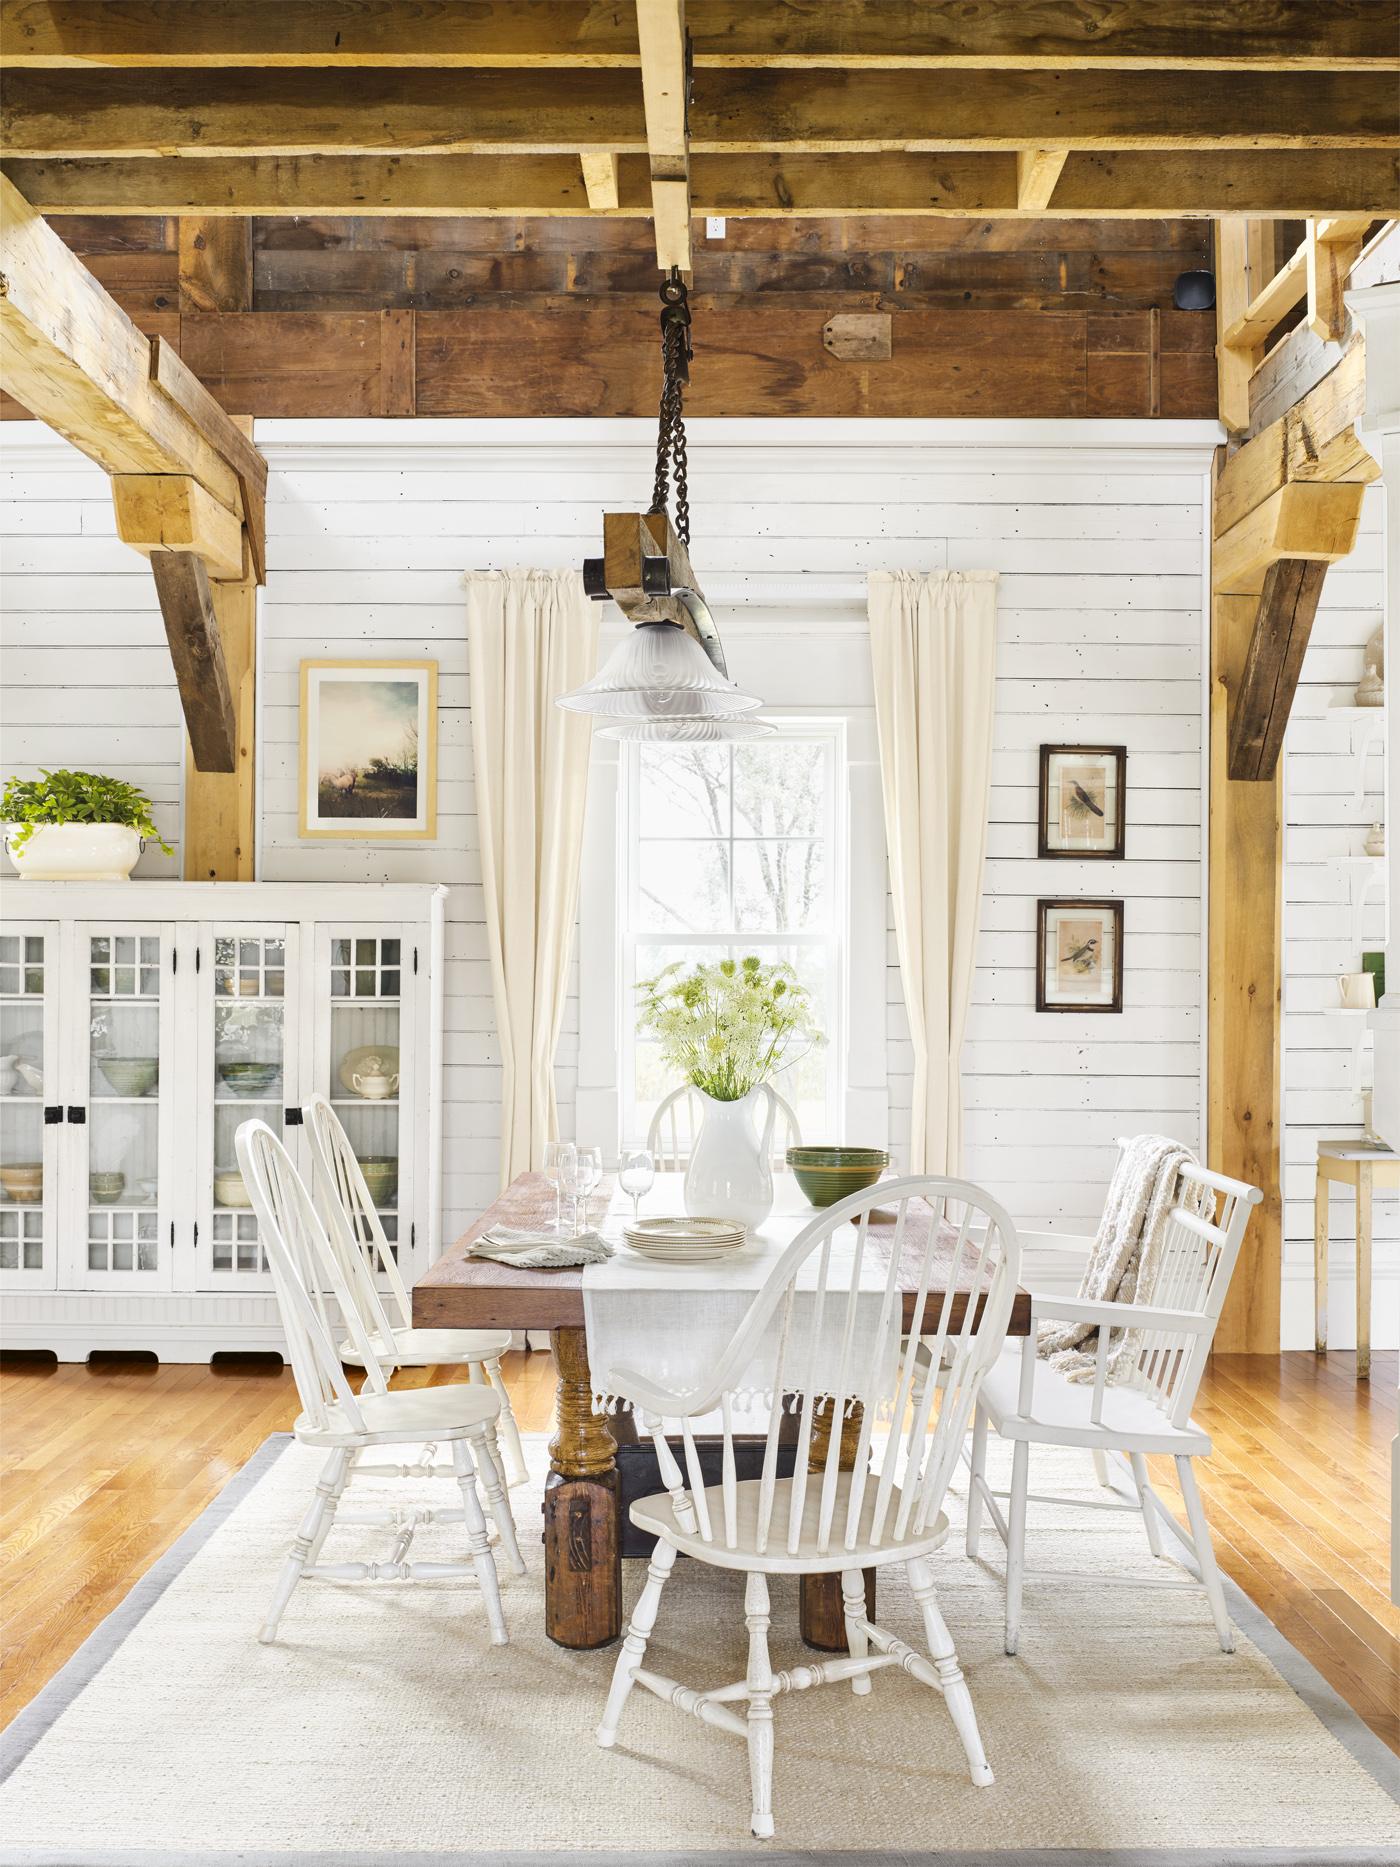 обеденный стол комод витрина потолок балки дерево